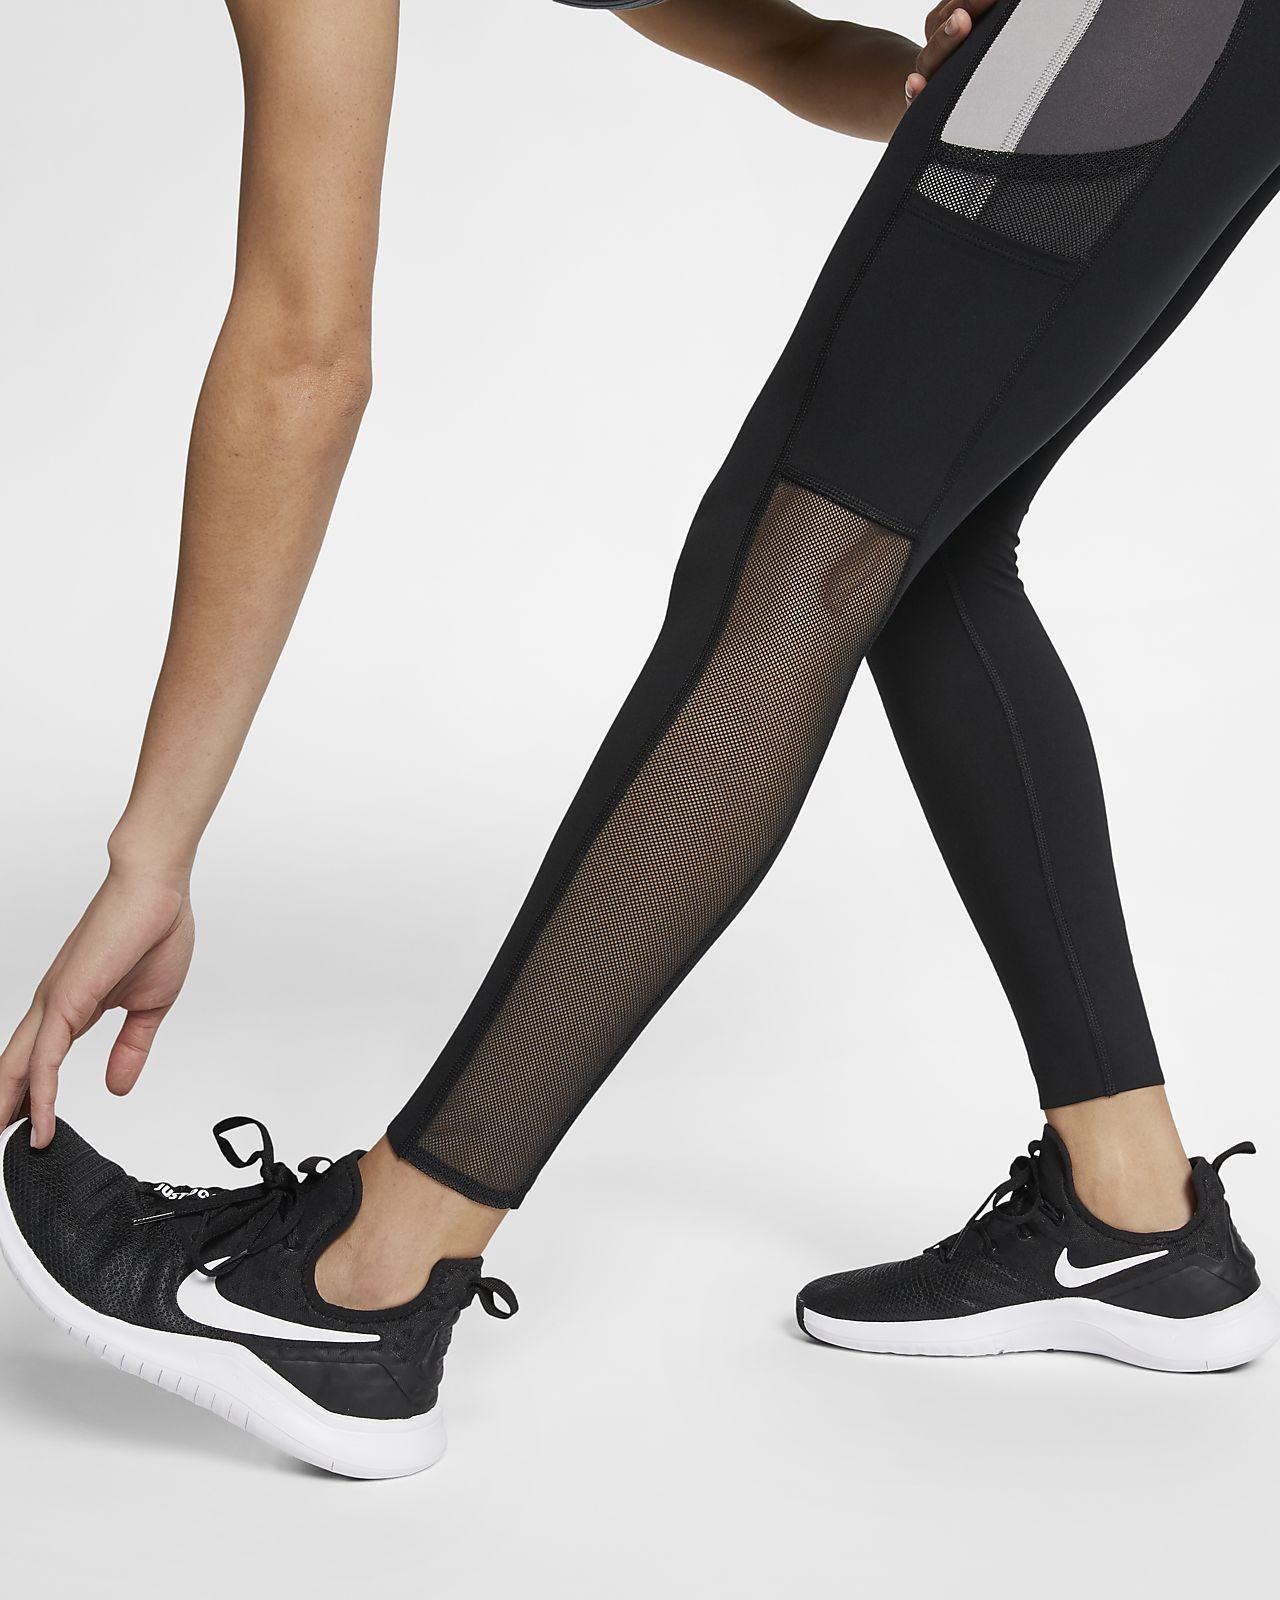 c3b5cc48ffe8 Tight de training 7 8 Nike One pour Femme. Nike.com CA